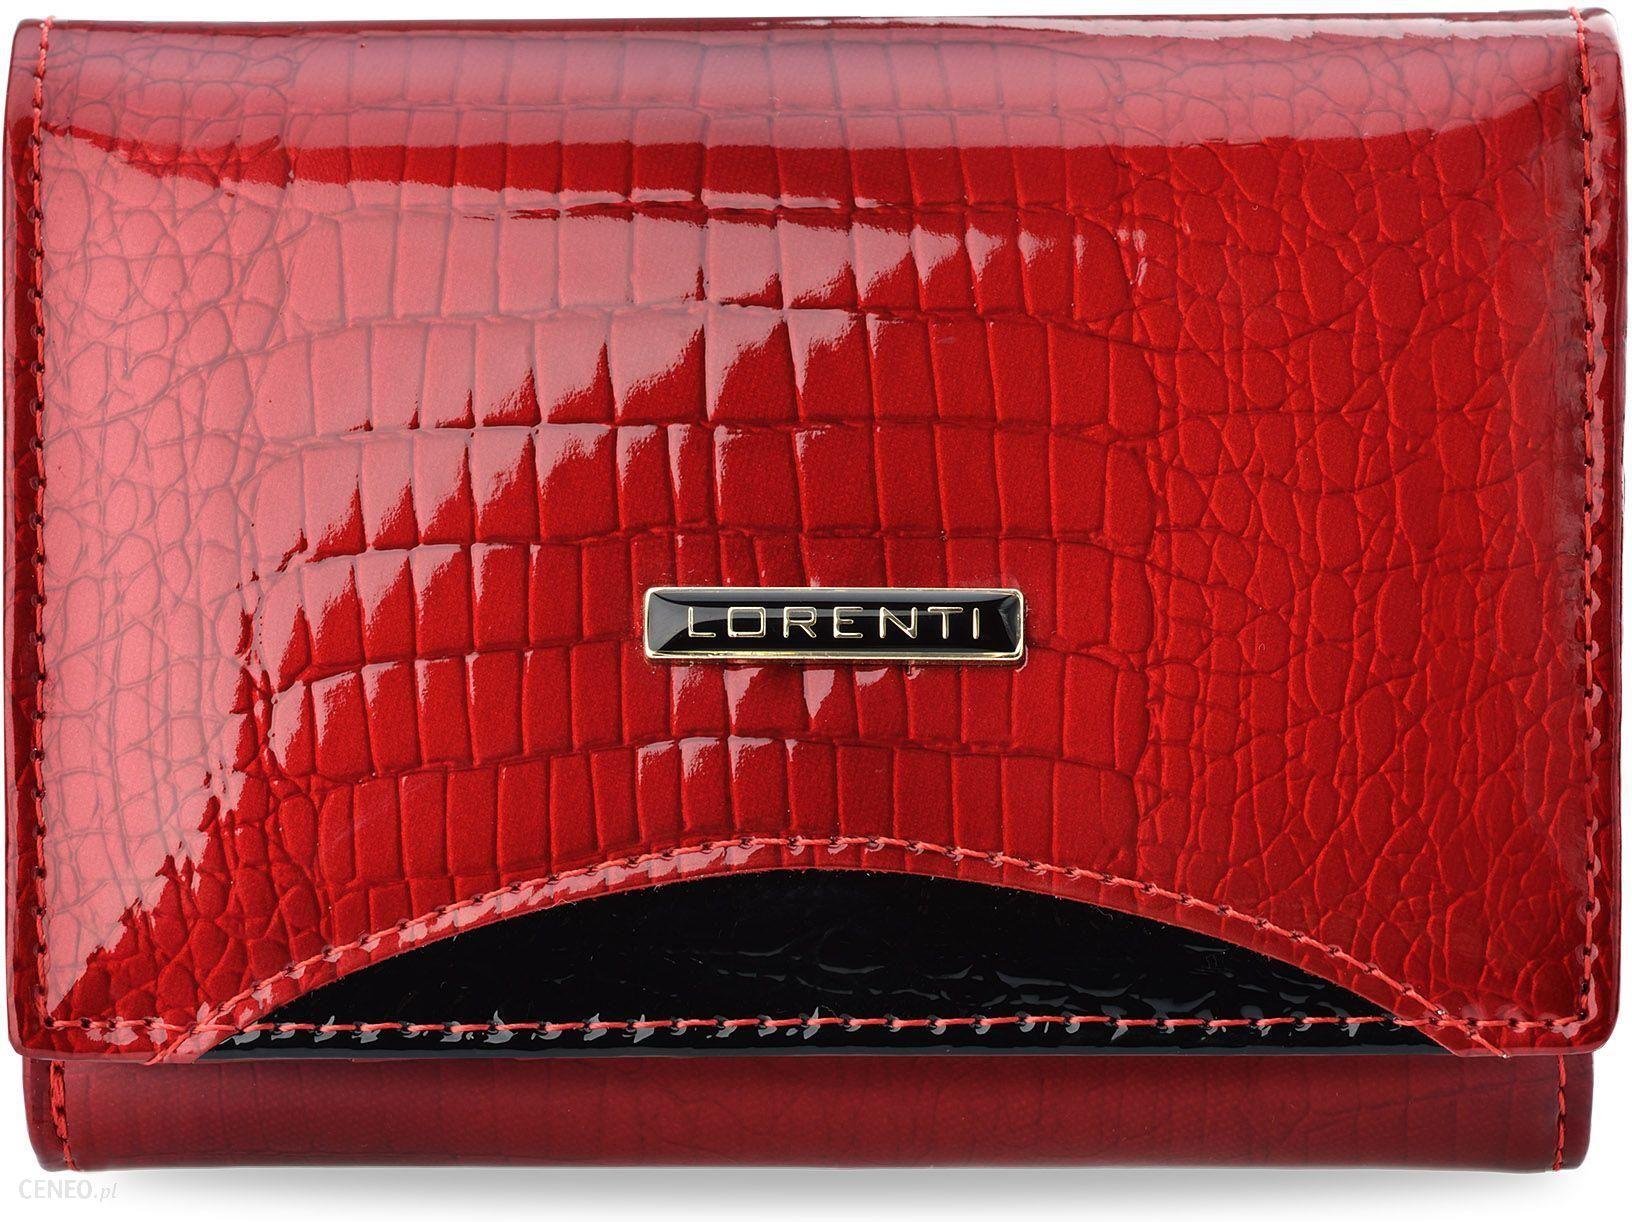 ddc778f6a7477 Lakierowany portfel damski lorenti z wewnętrzna portmonetką na bigiel -  czerwony - zdjęcie 1